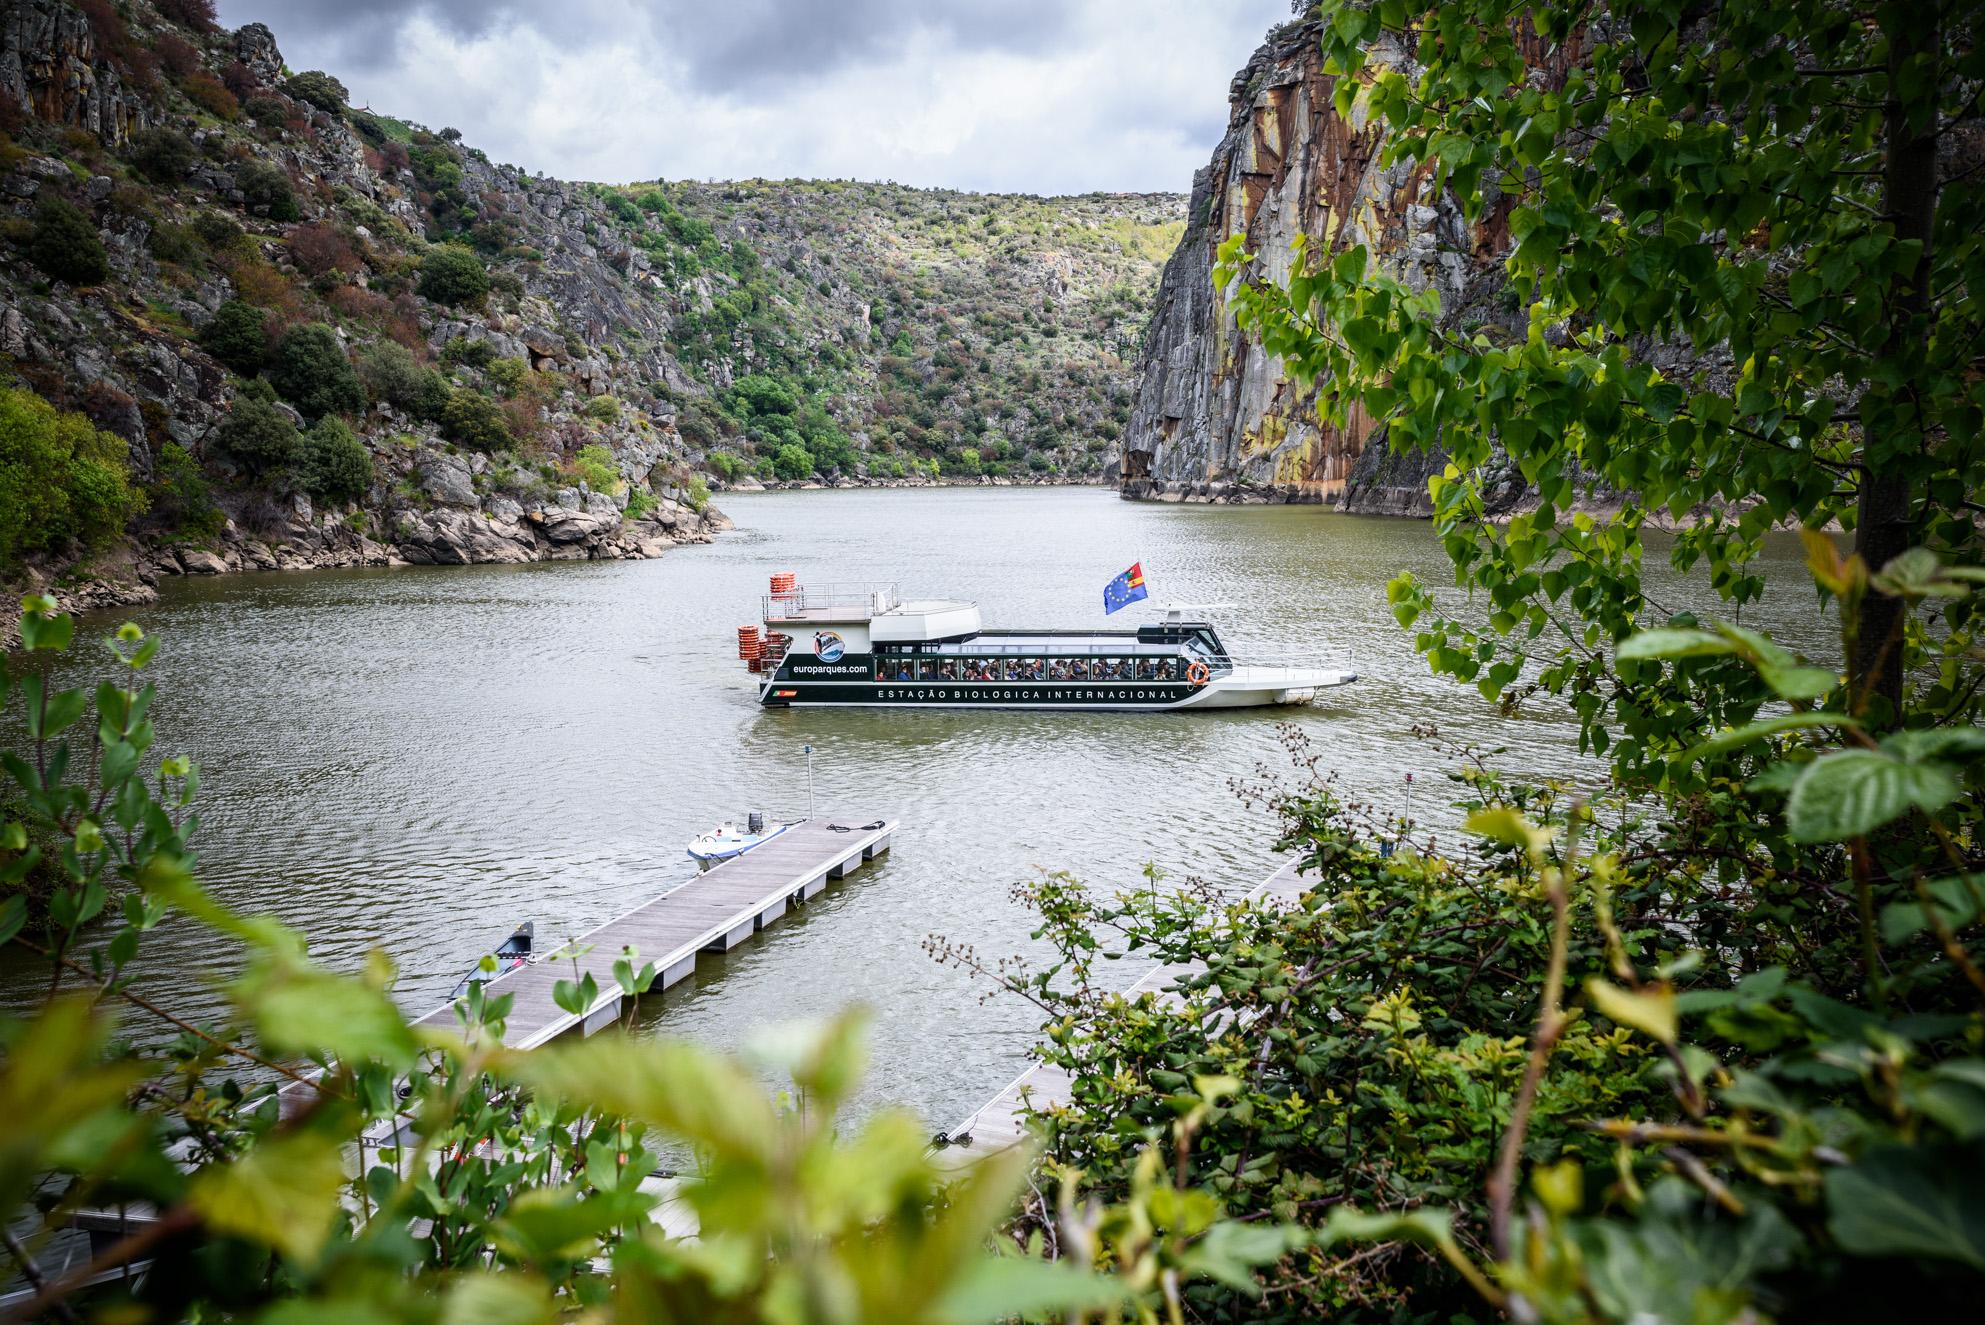 Arribes del Duero: remanso de paz y tranquilidad entre España y ...